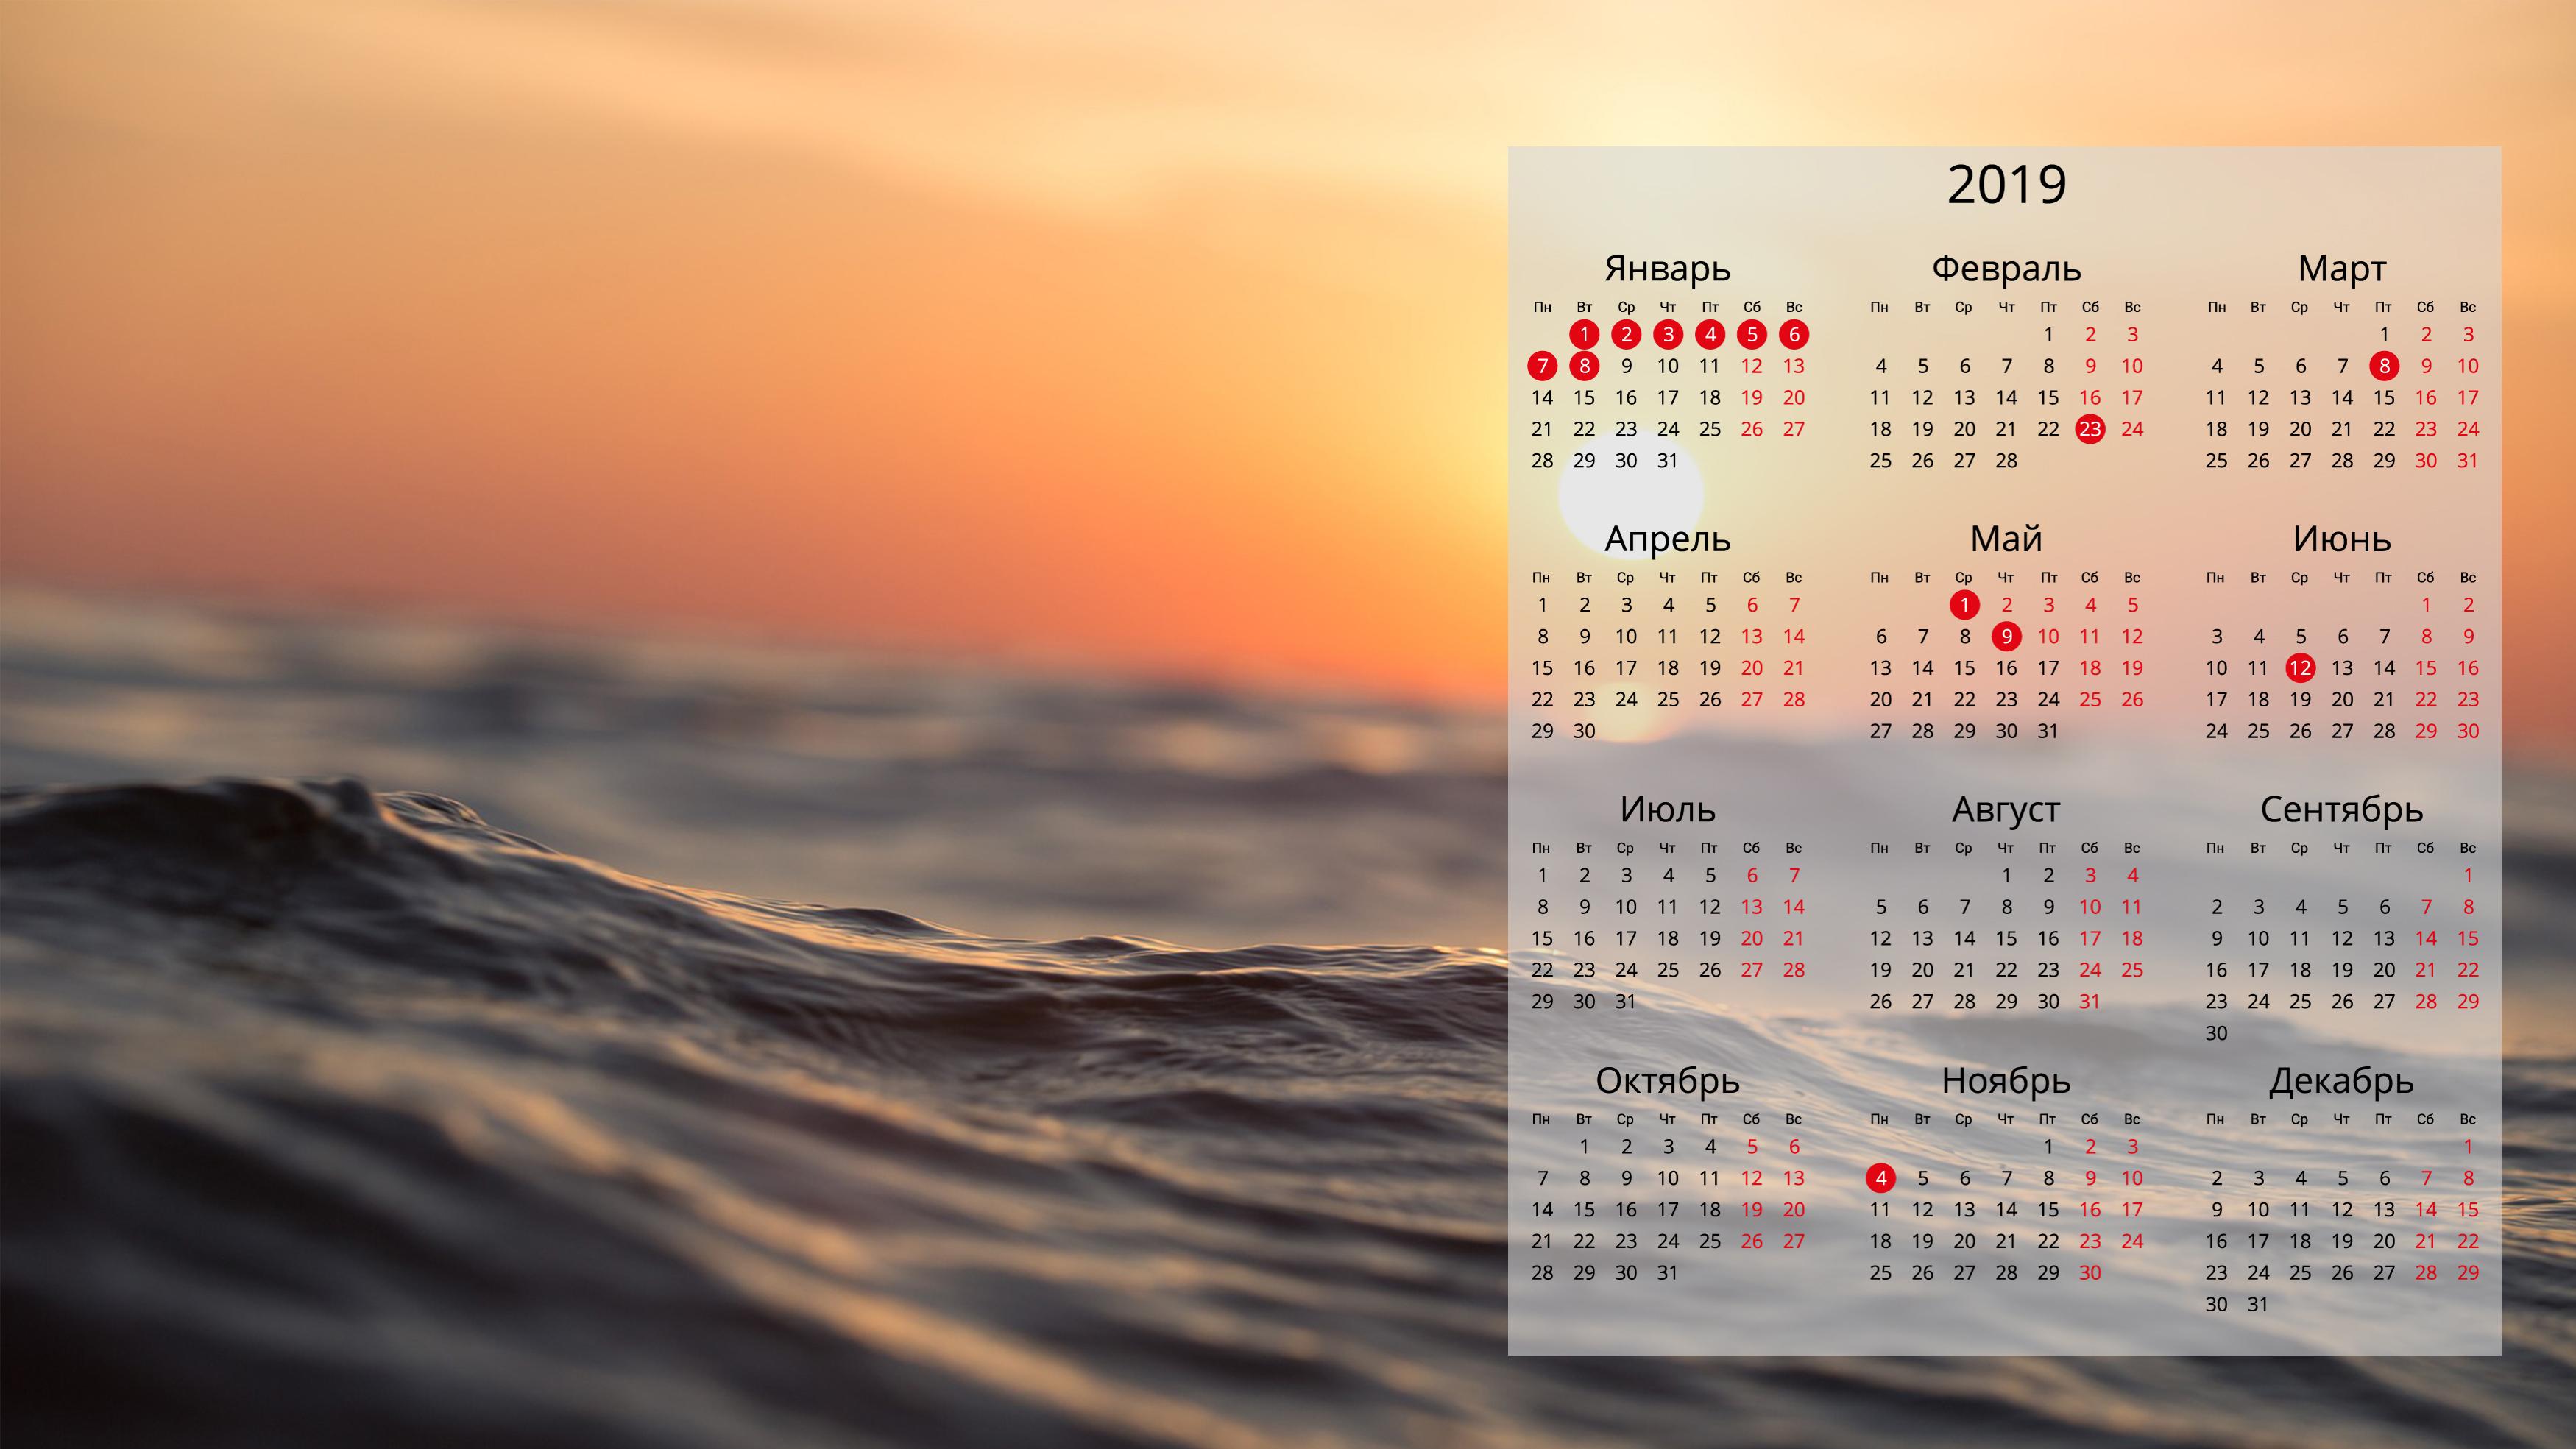 картинки для рабочего стола с календарем может она